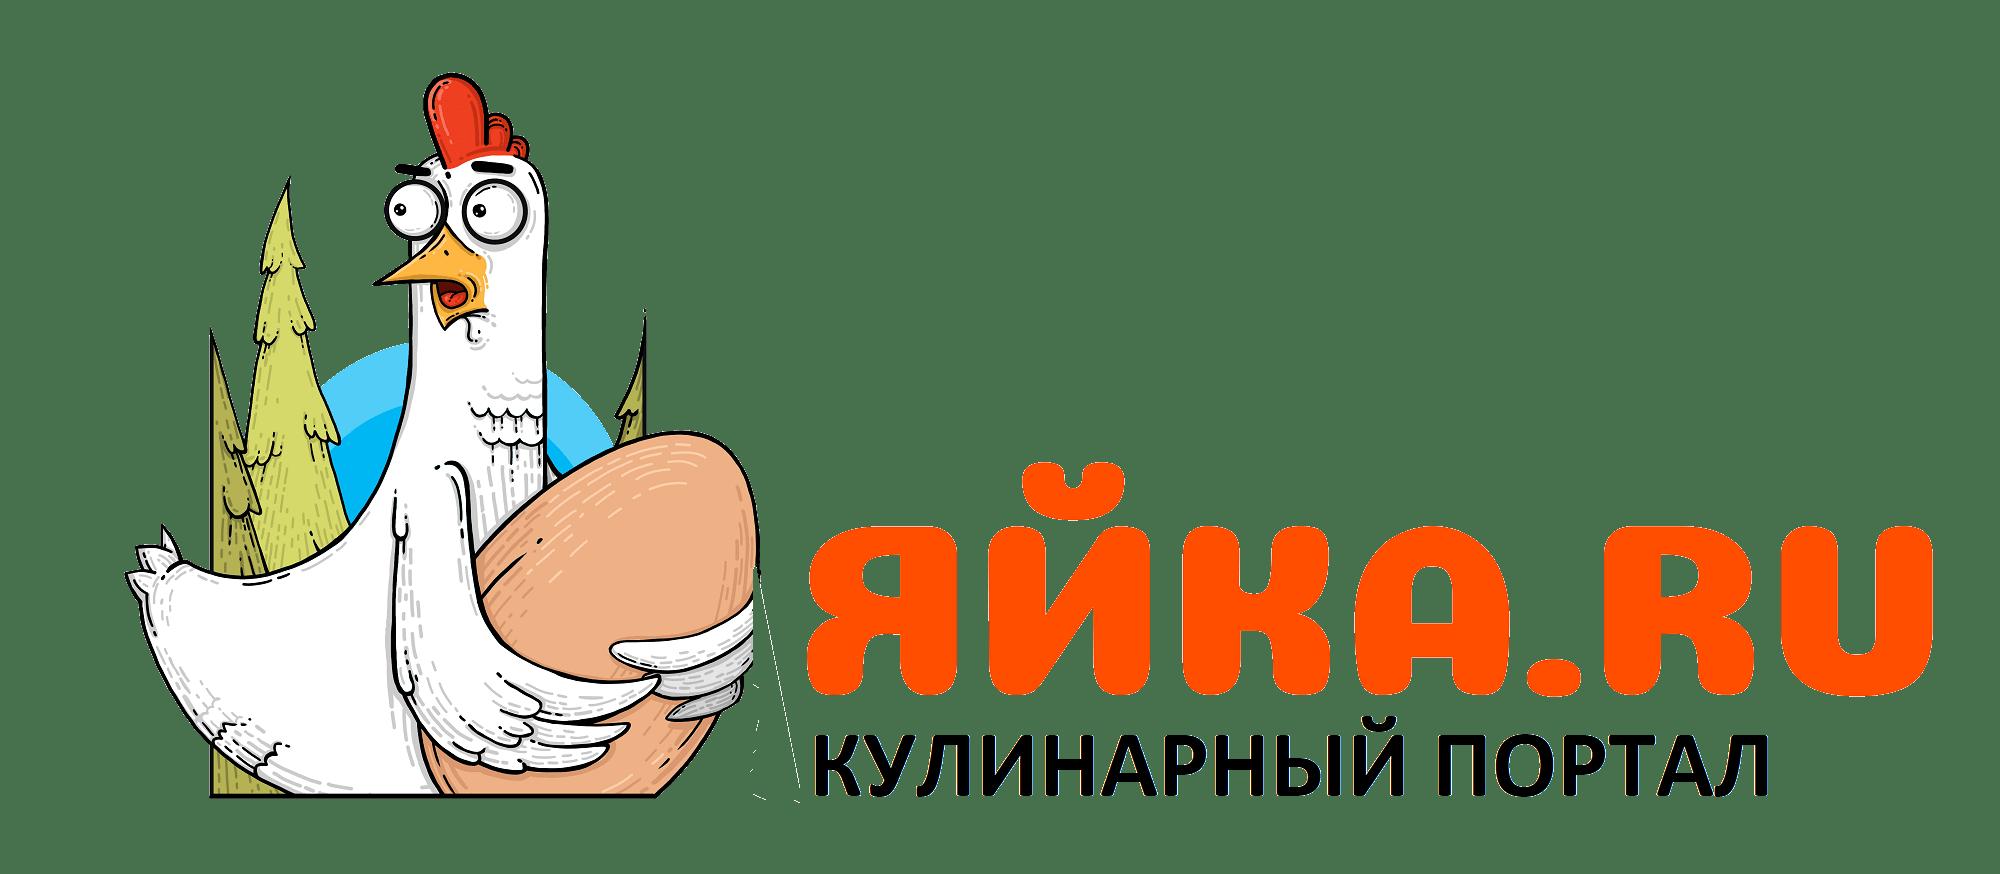 Яйка.ру